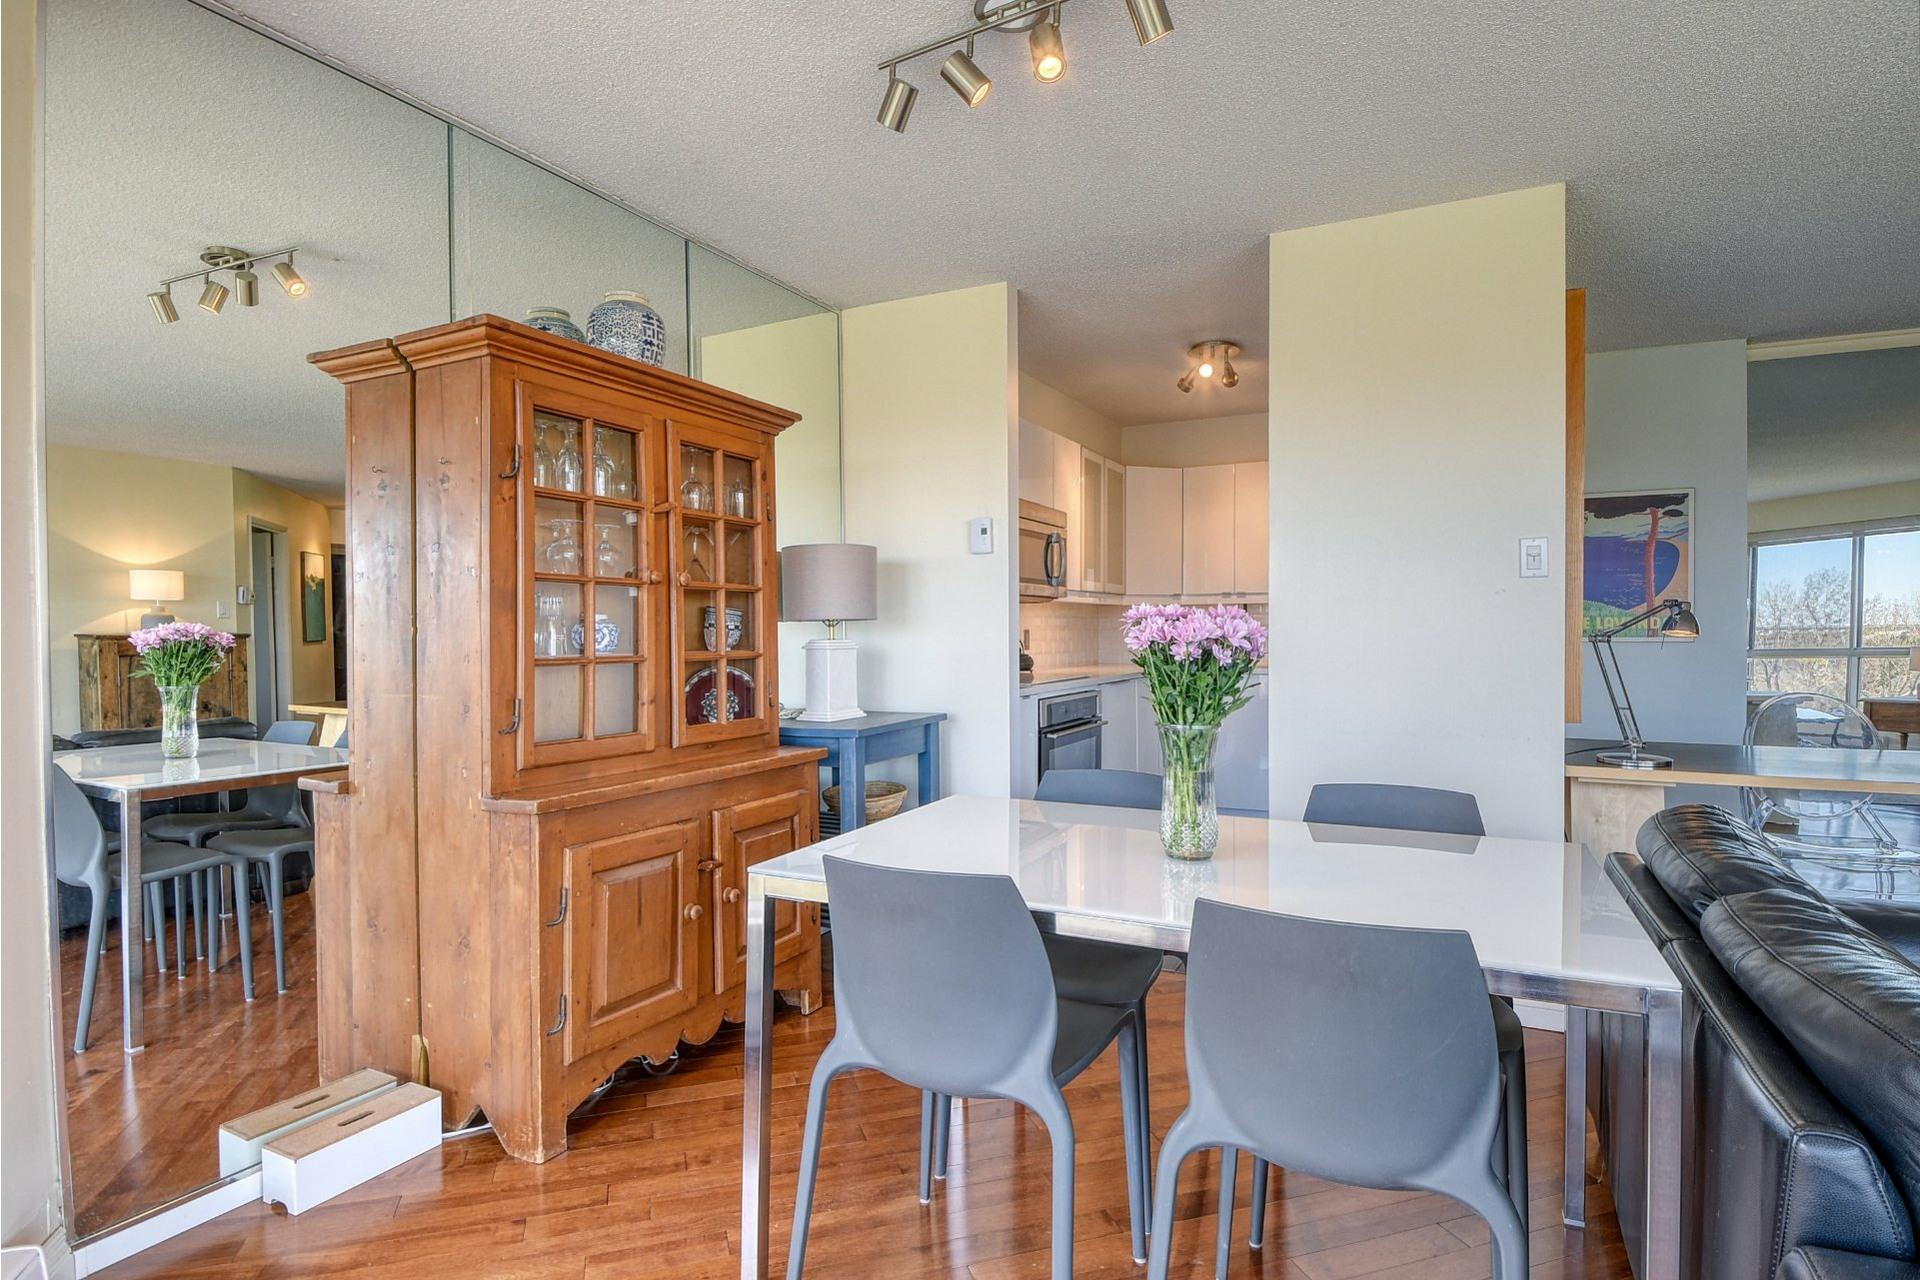 image 5 - Apartment For sale Verdun/Île-des-Soeurs Montréal  - 4 rooms